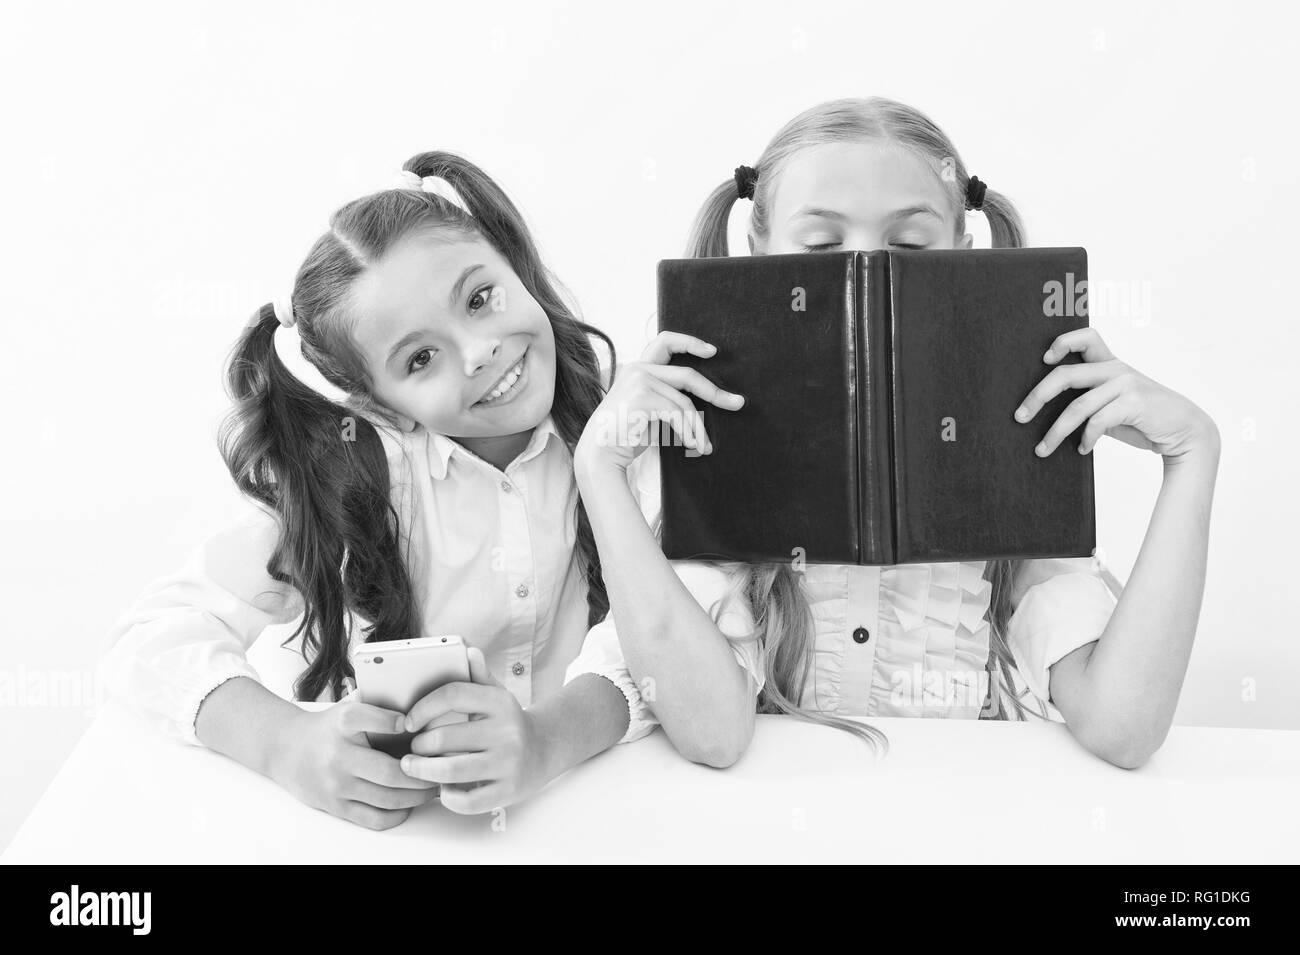 Vecchia scuola contro le moderne. Schoolgirl tenere premuto Telefono cellulare smartphone moderno mentre il suo amico godere vecchio libro come dati analogici di storage. La tecnologia contro l'esperienza. Nuova generazione di istanze educative. Foto Stock